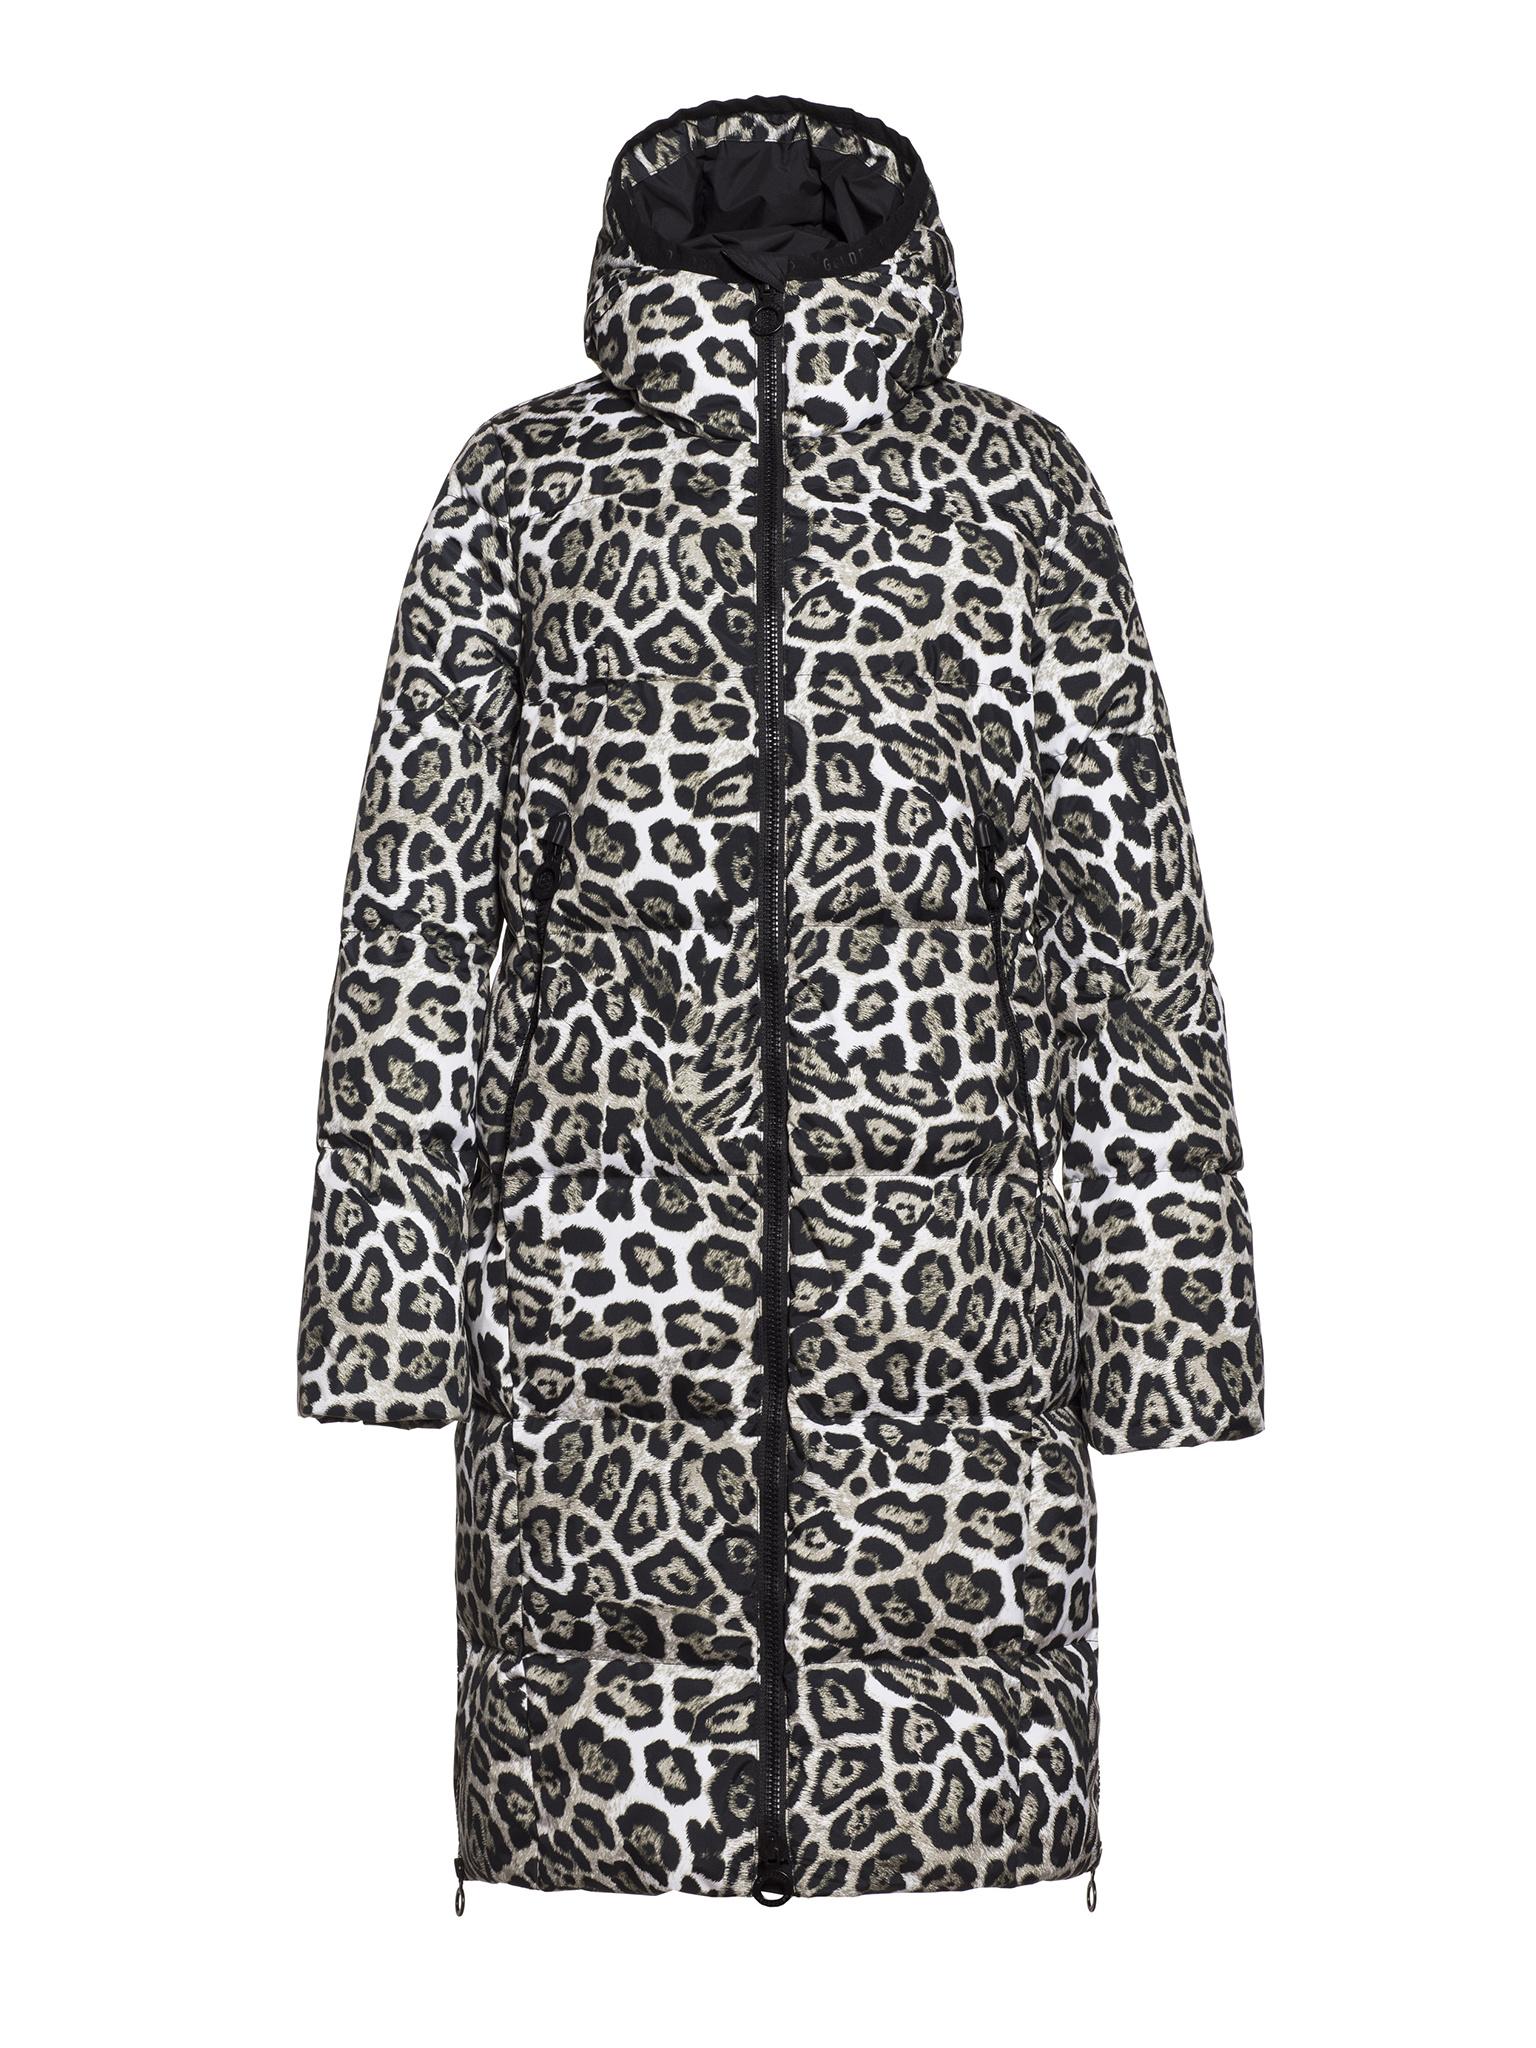 Dames jas Goldbergh Gullfoss leopard